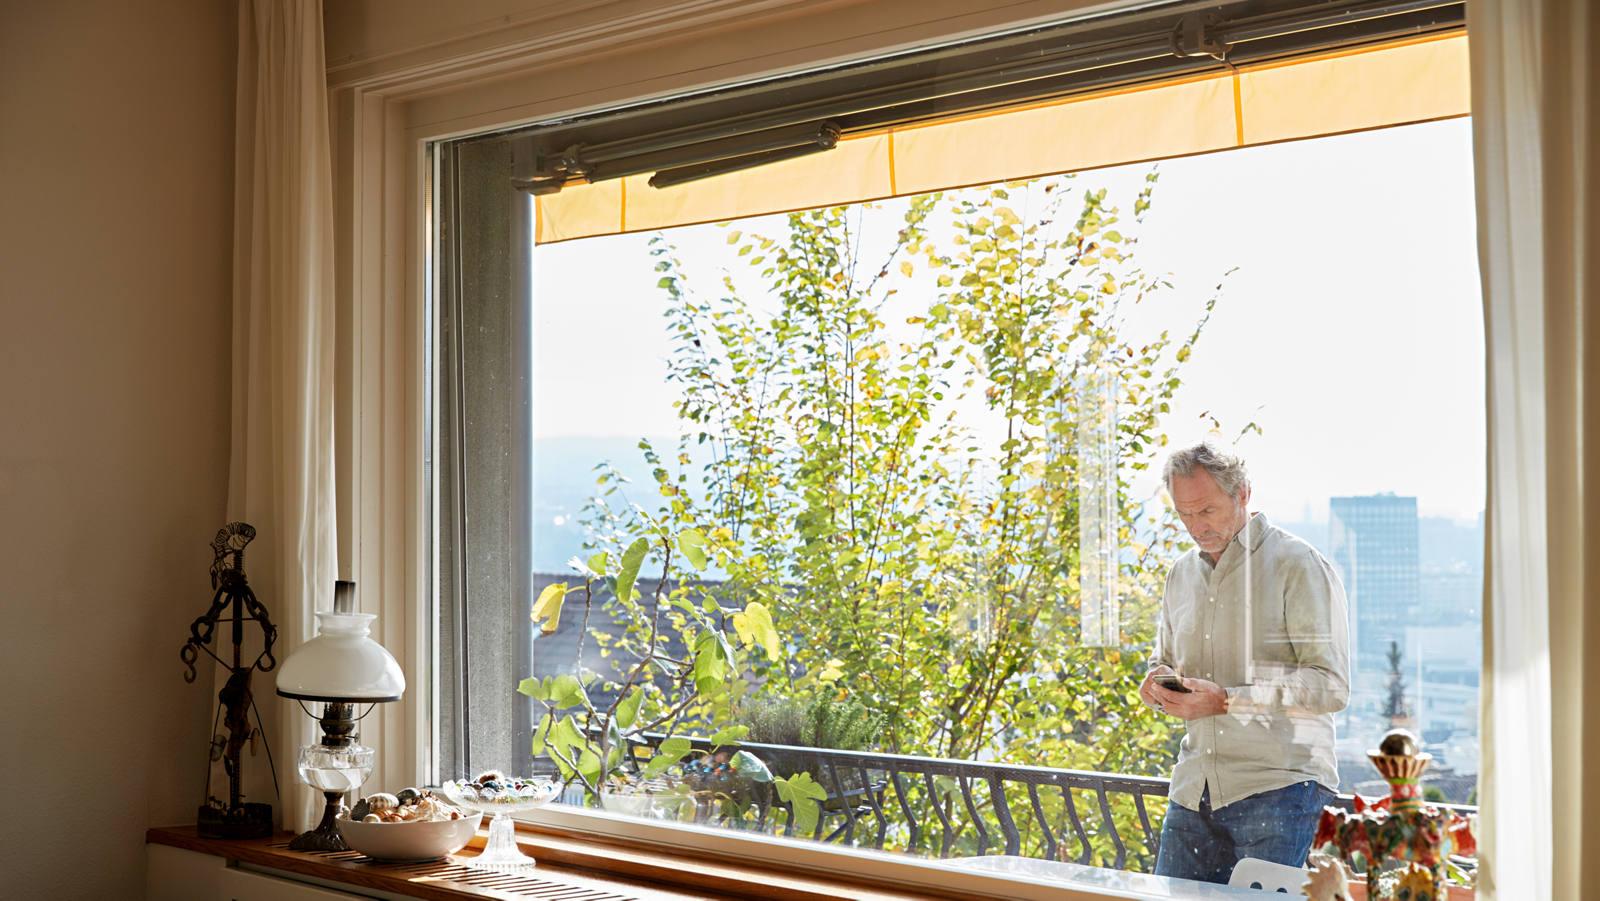 Mann mit Smartphone auf dem Balkon